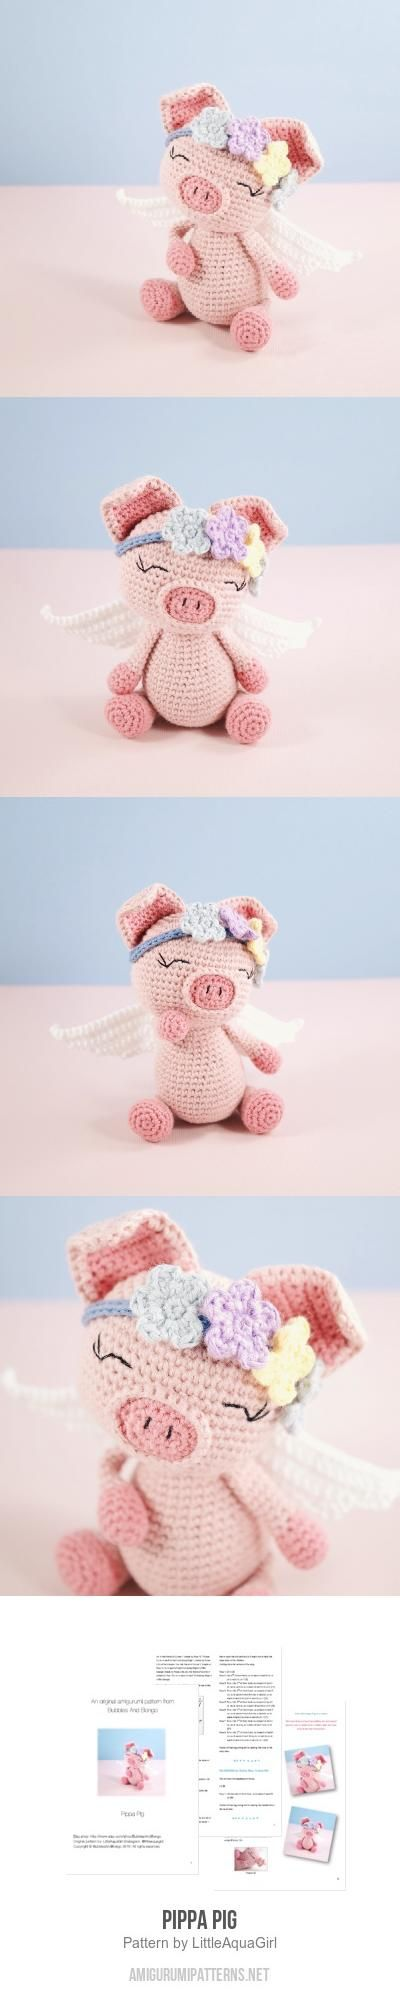 Pippa Pig Amigurumi Pattern: